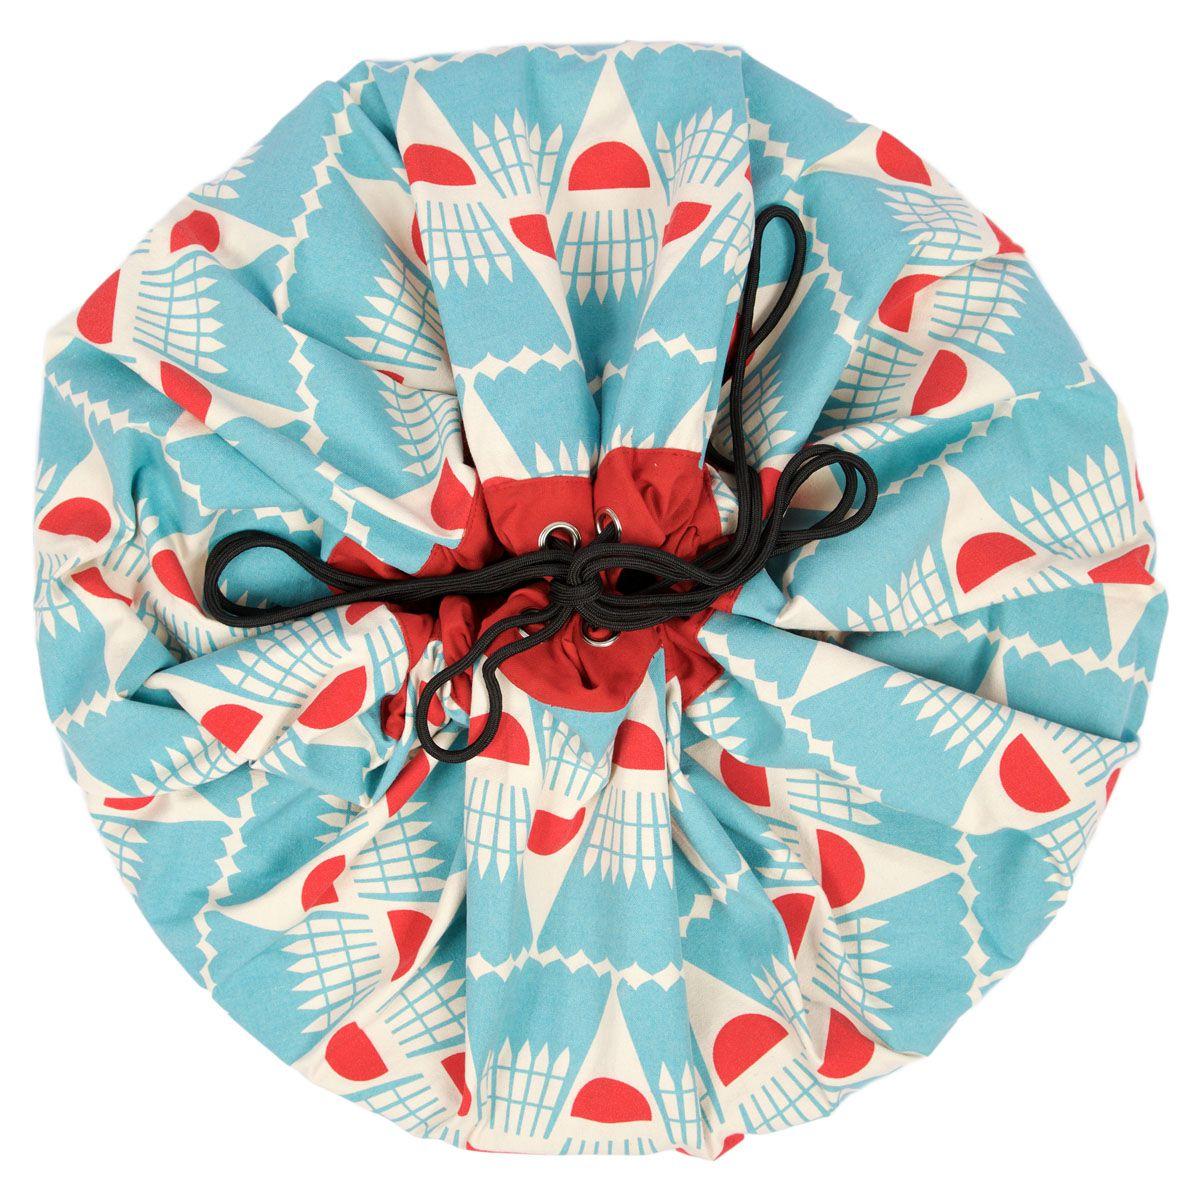 比利時 play & go 玩具整理袋 藝術家聯名款 (羽球)